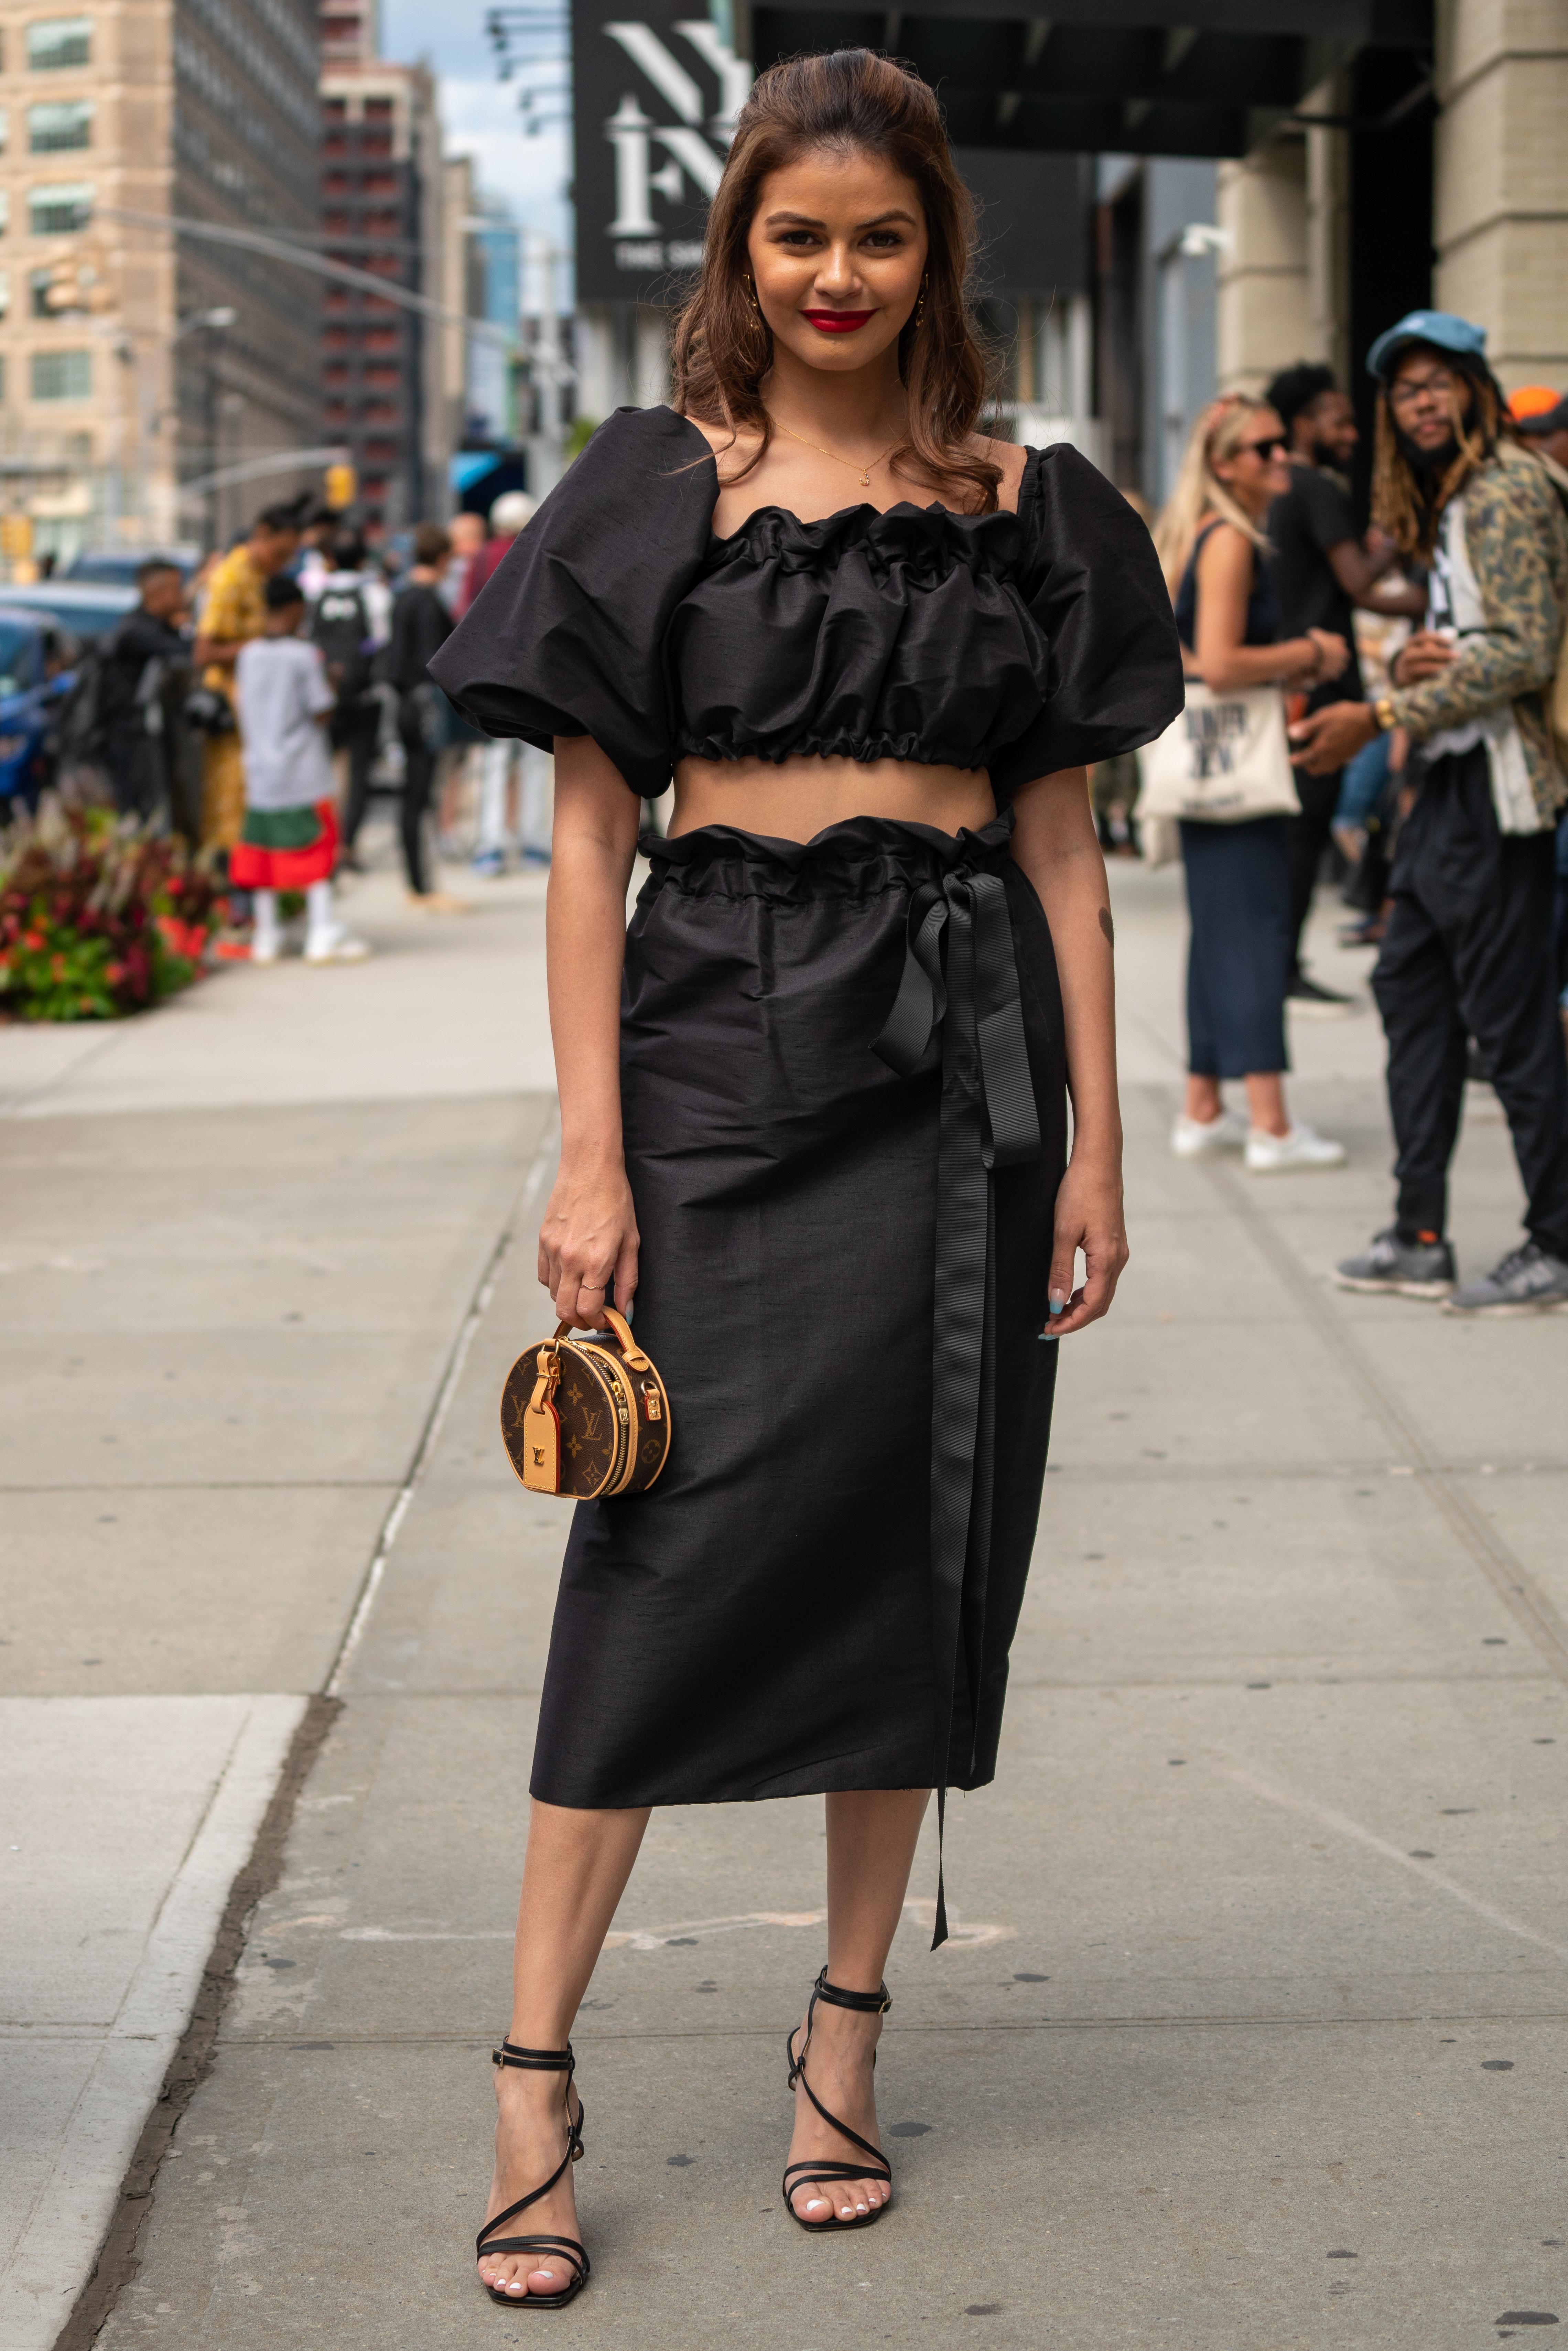 ギャザーのデザインはラブリーなイメージがあるけど、ブラックカラーなら適度なフェミニンさを残したモードなスタイルが叶う。マイクロサイズのバッグや華奢なサンダルはアクセサリー感覚でコーディネイトして。